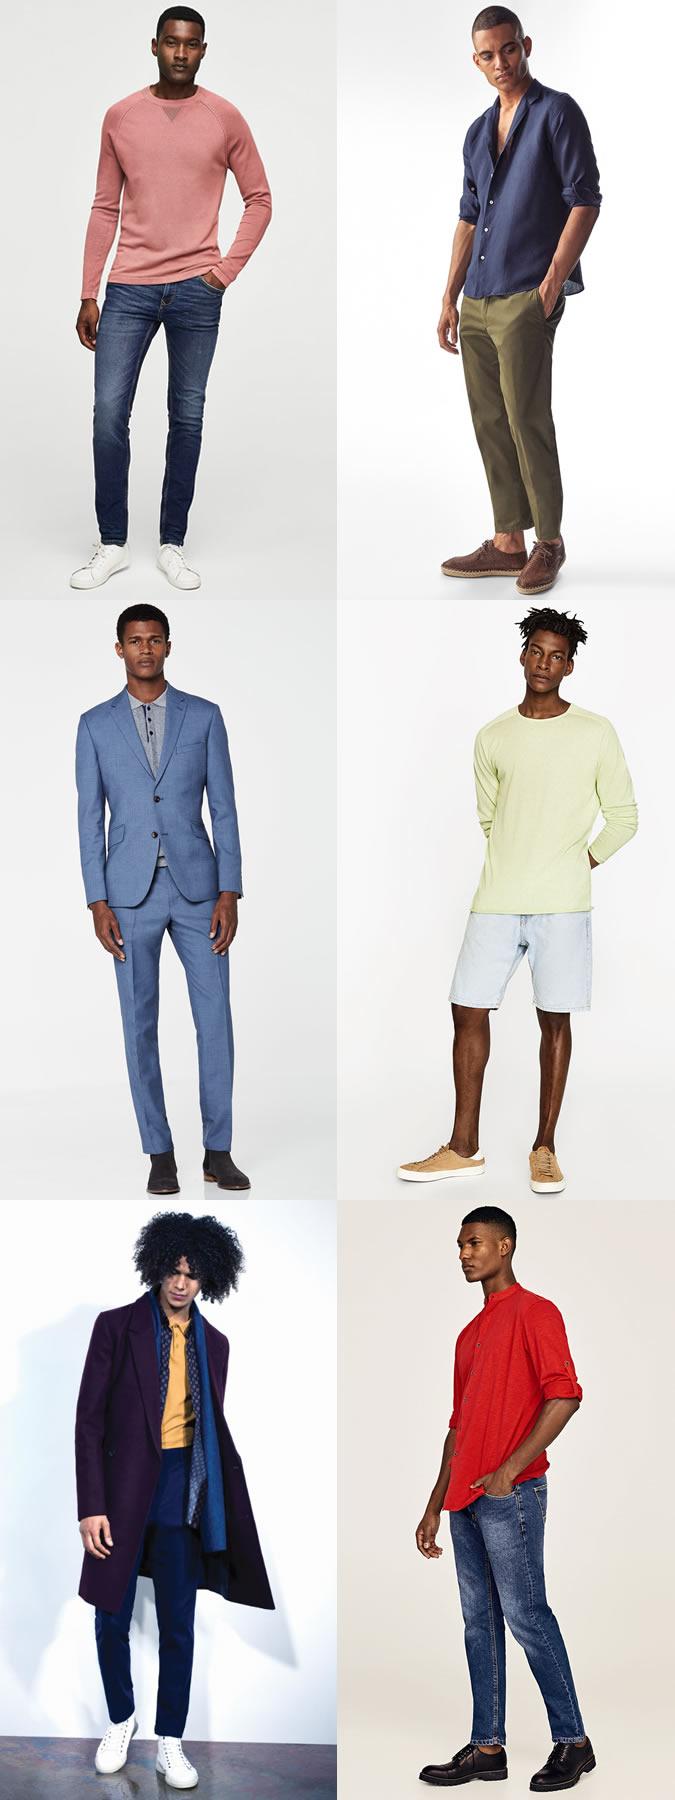 warna baju dan kulit berbagai sumber